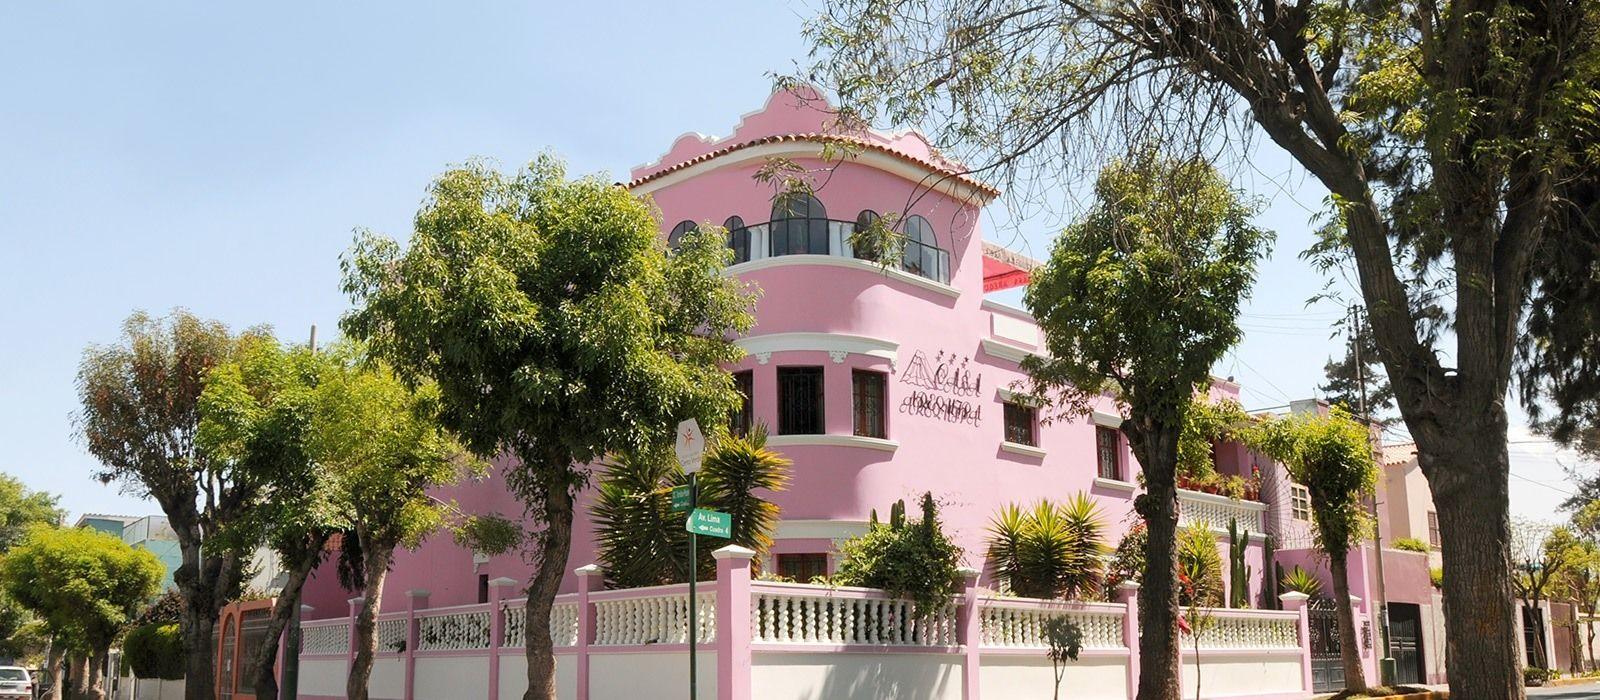 Hotel Casa Arequipa Peru